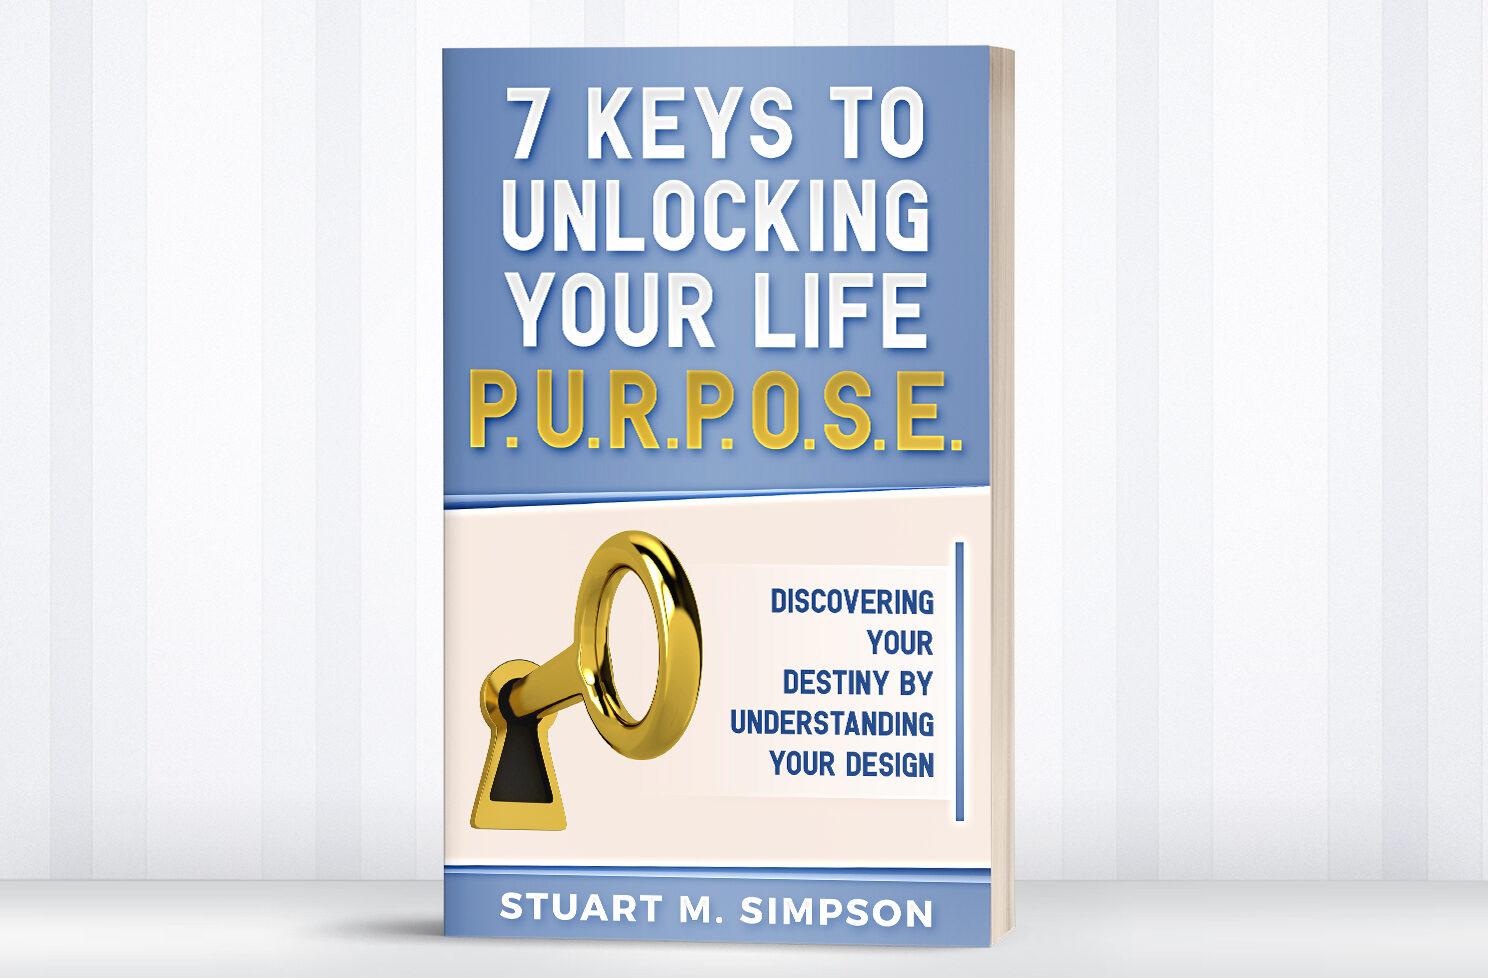 Unlocking Your Life P.U.R.P.O.S.E.